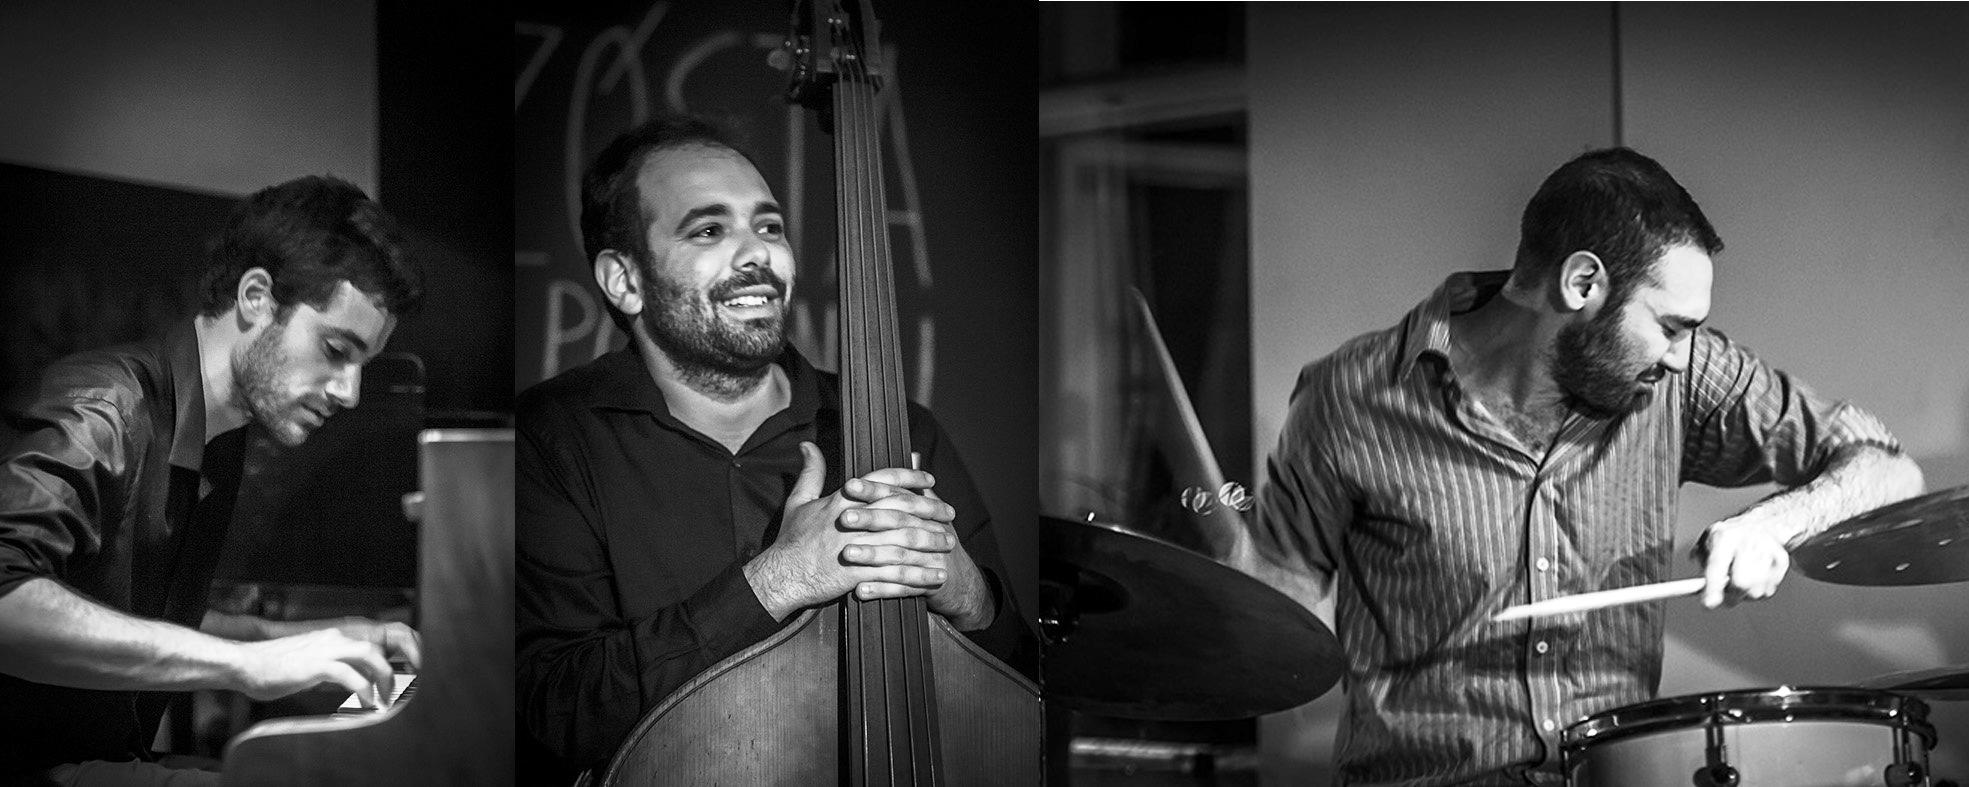 Трио одного из лучших израильских джазовых контрабасистов Эхуда Этуна – концерт в музее Иланы Гур в Старом Яффо 24 января